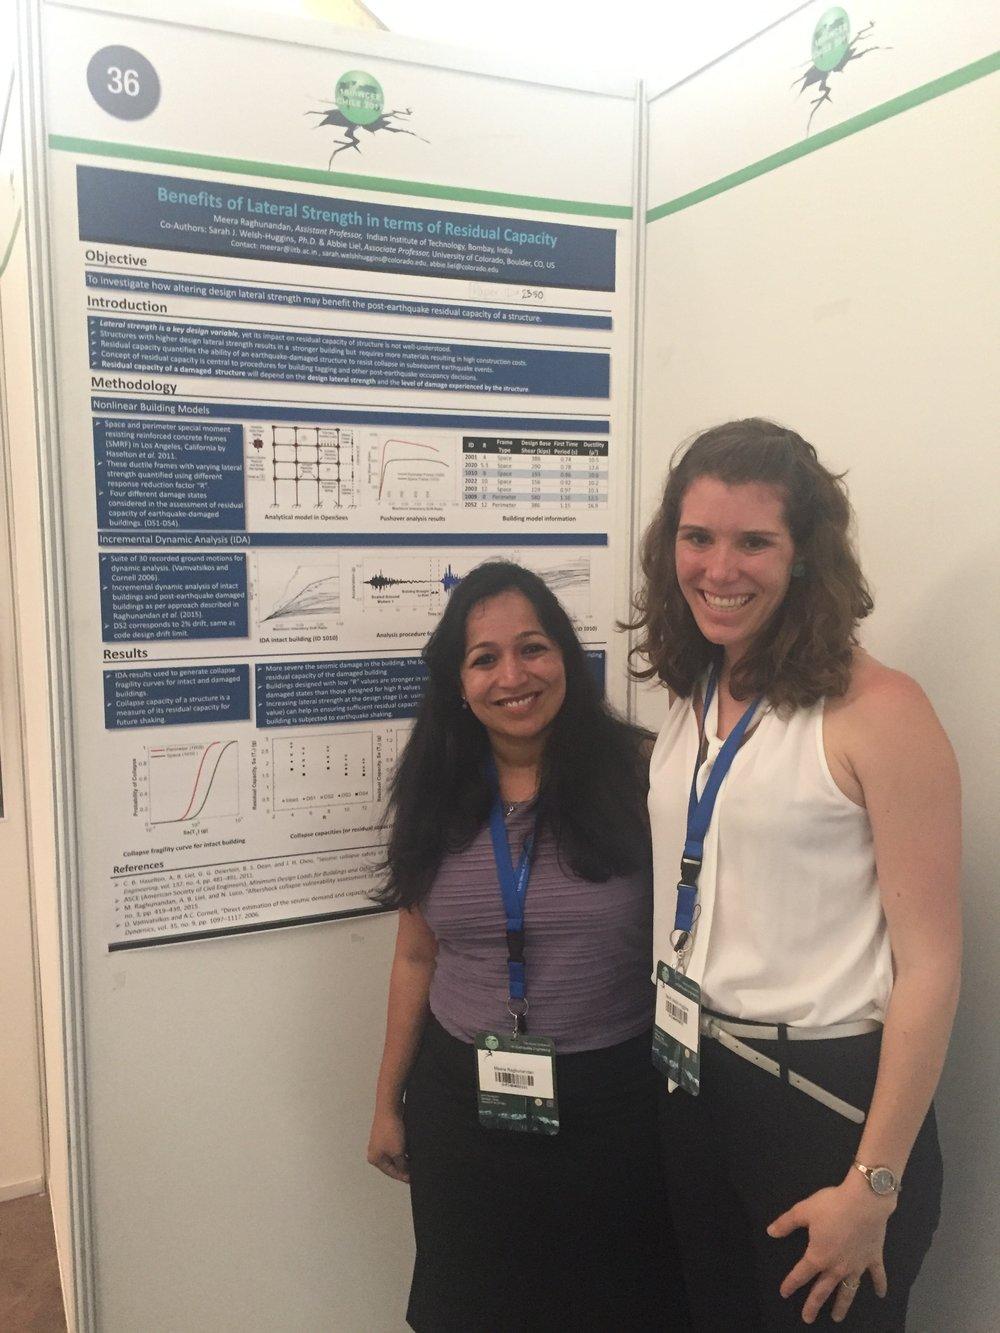 Meera Raghunandan and Sarah Welsh-Huggins